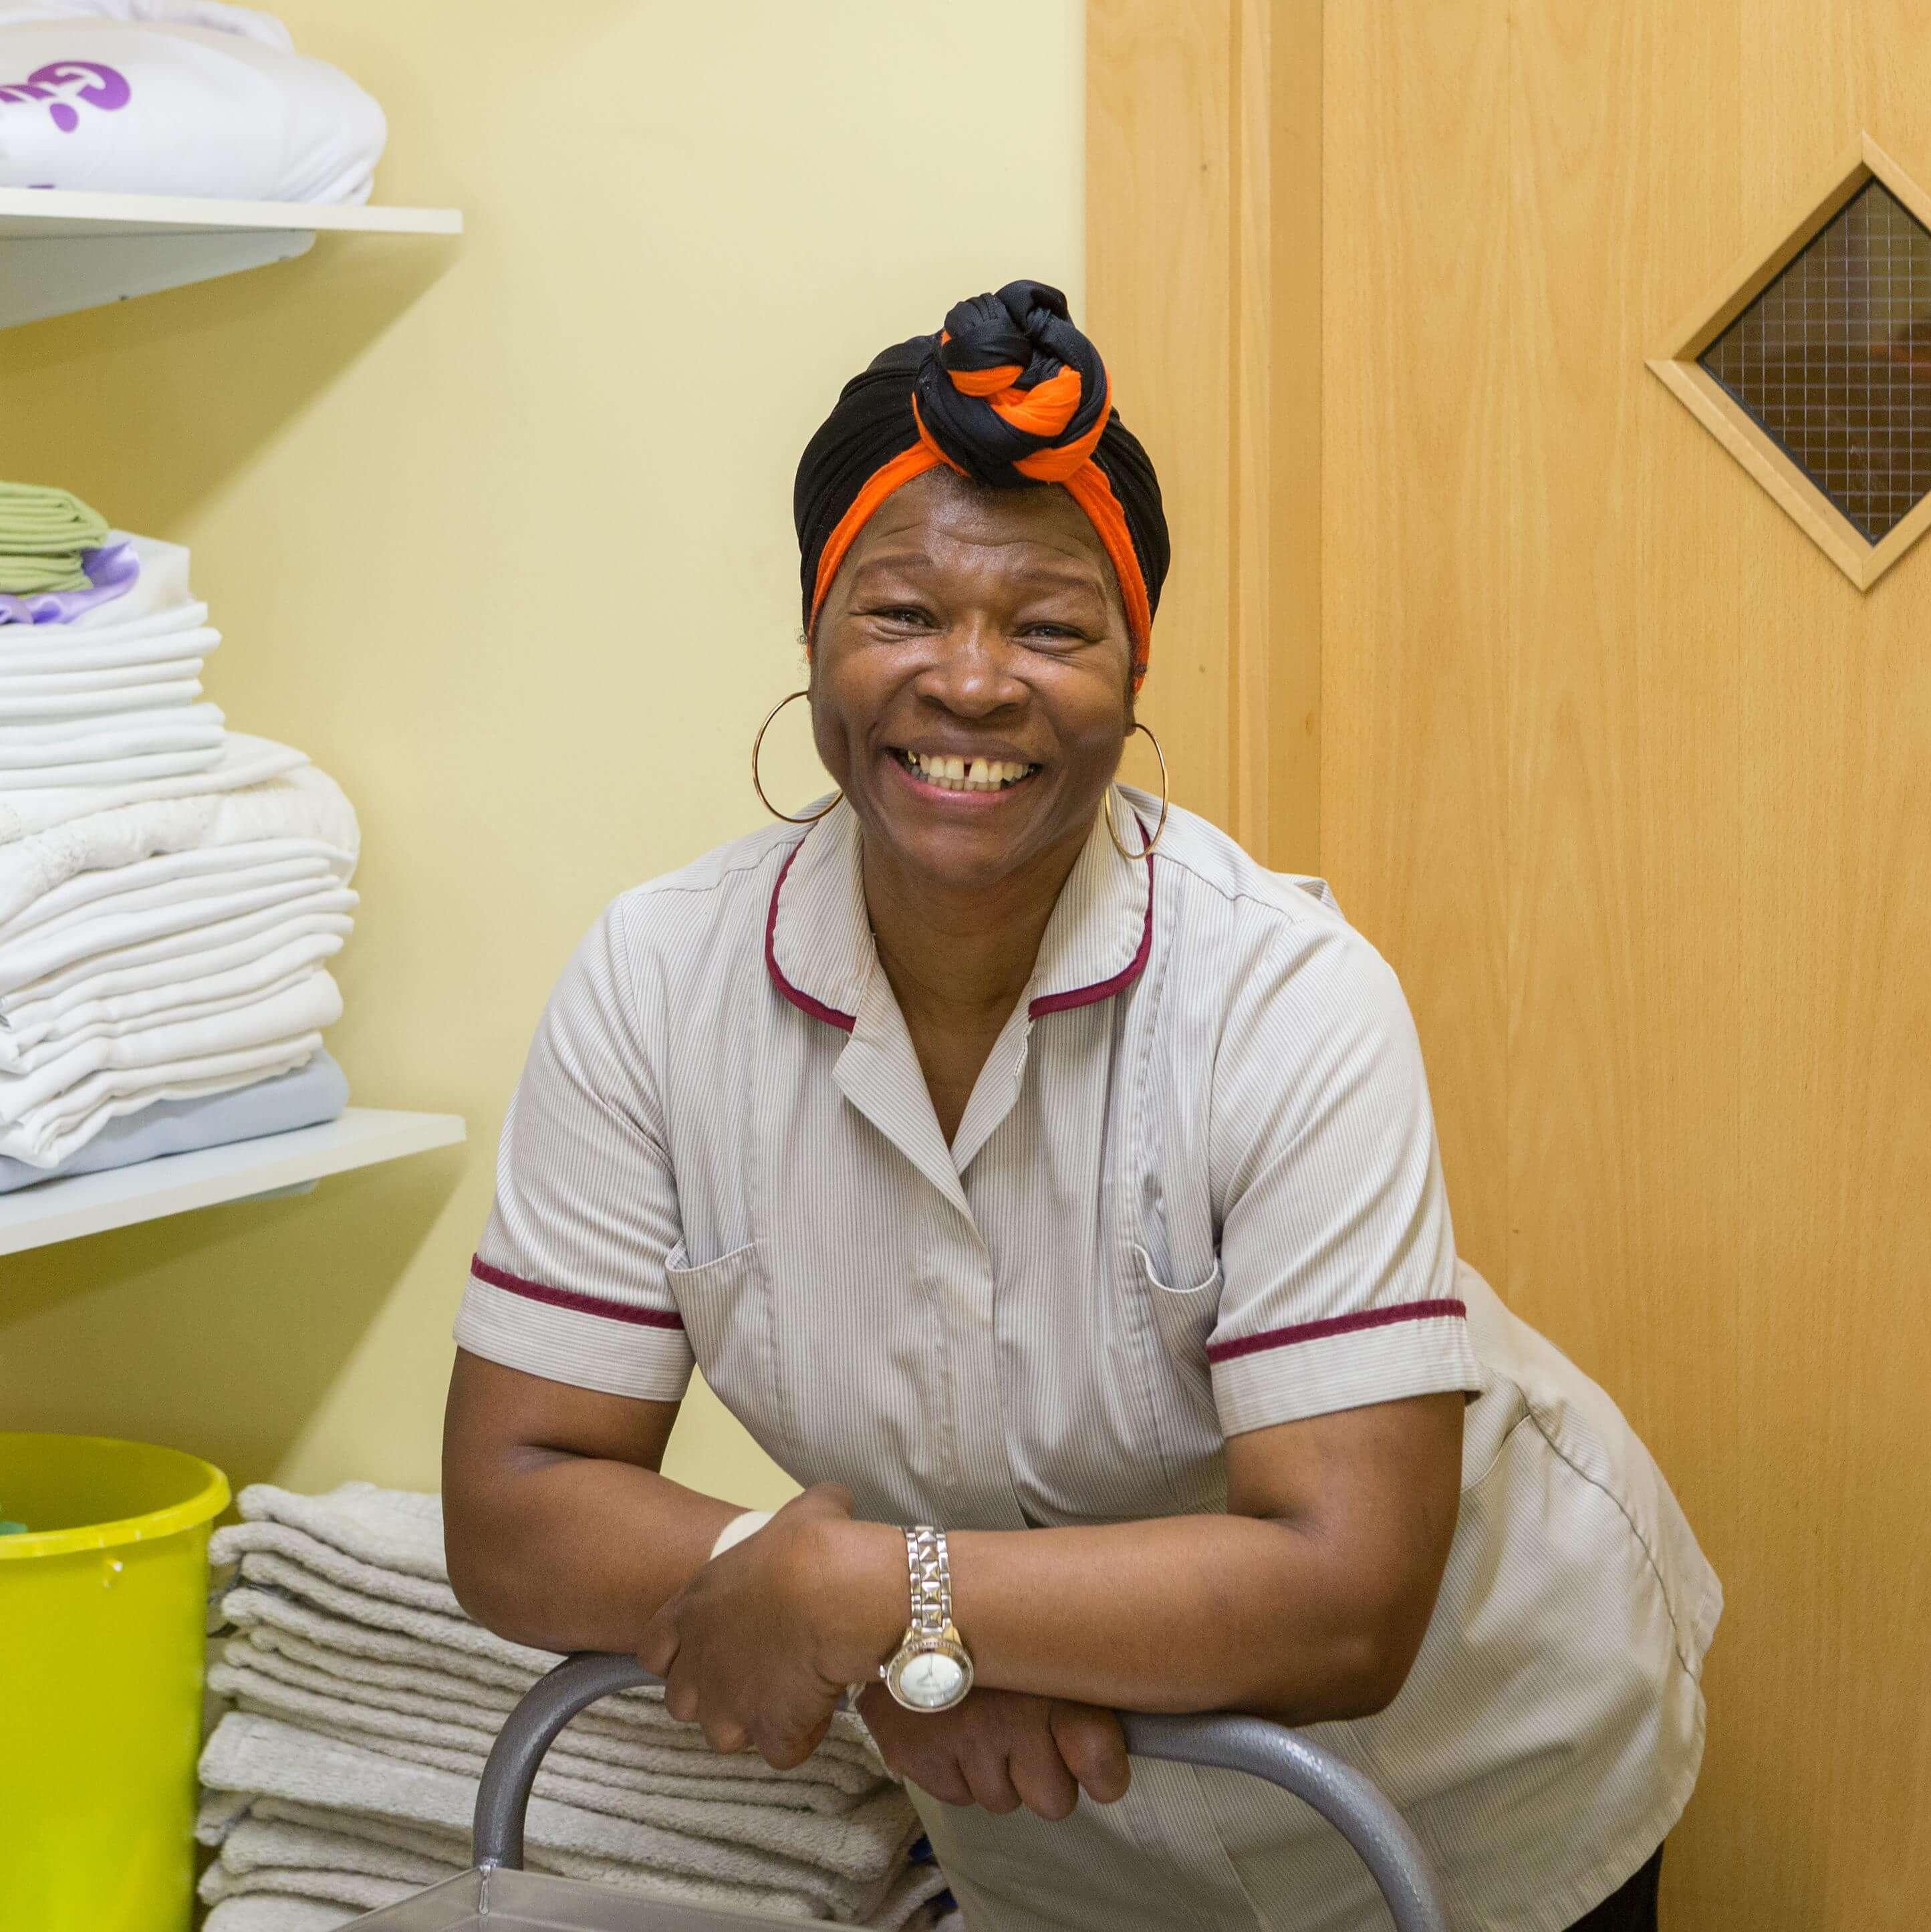 Sonia, Housekeeper